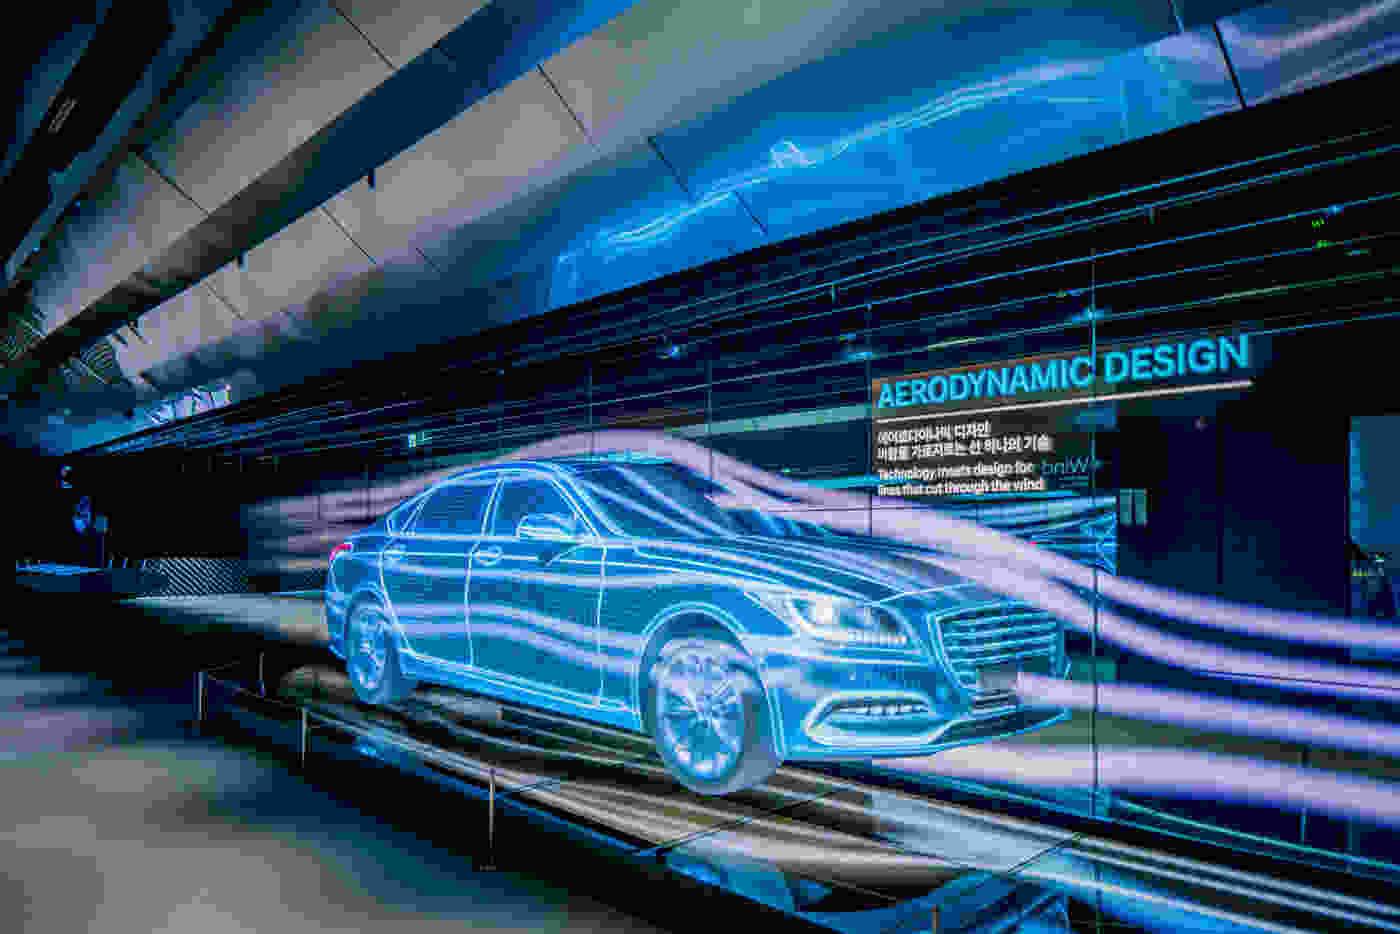 257 Hyundai Motorstudio Goyang Raphael Olivier 6194 exhibition